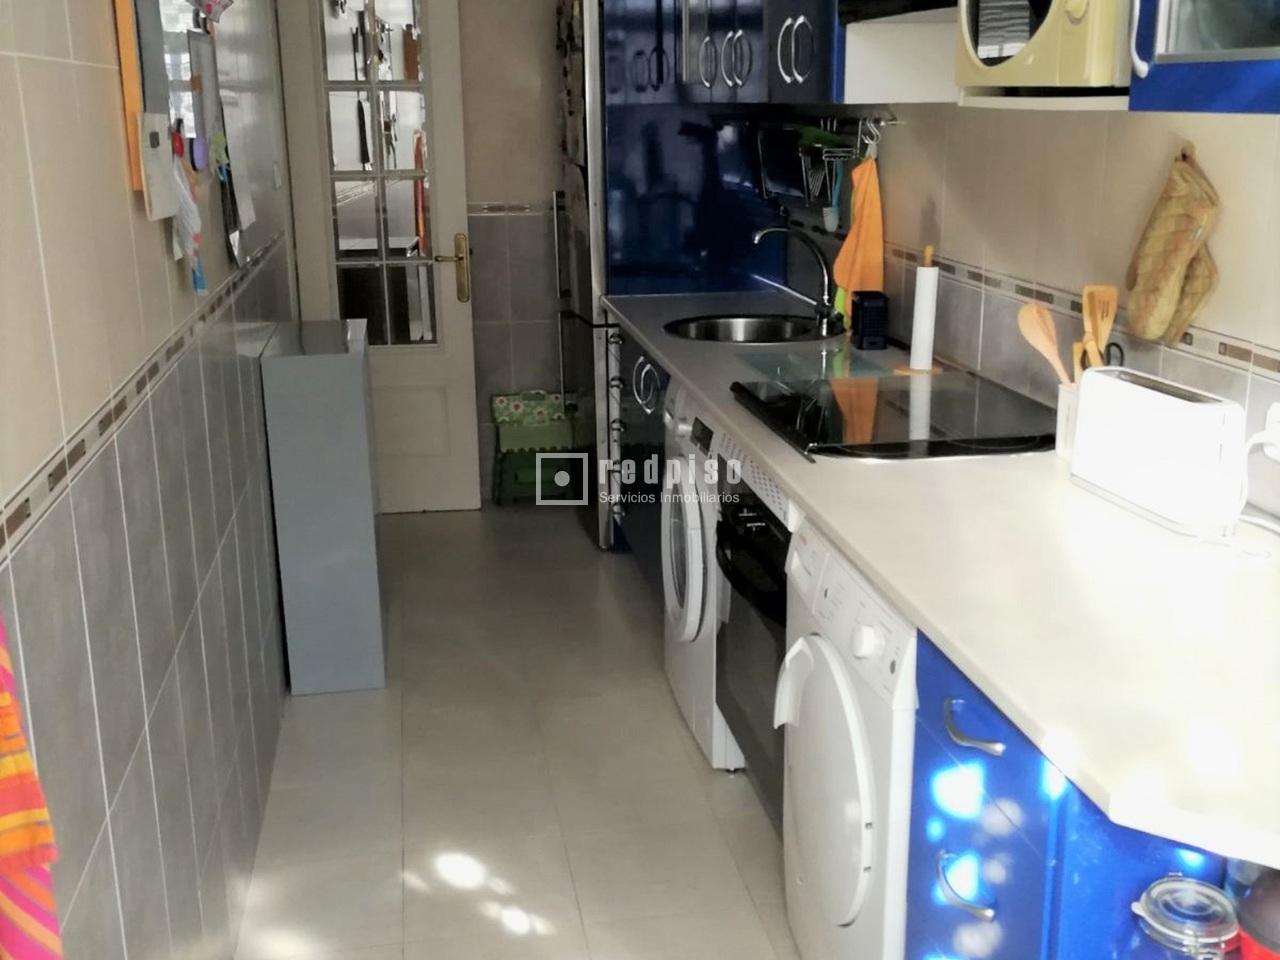 Piso en venta en calle ginzo de limia pilar fuencarral for Piso xinzo de limia